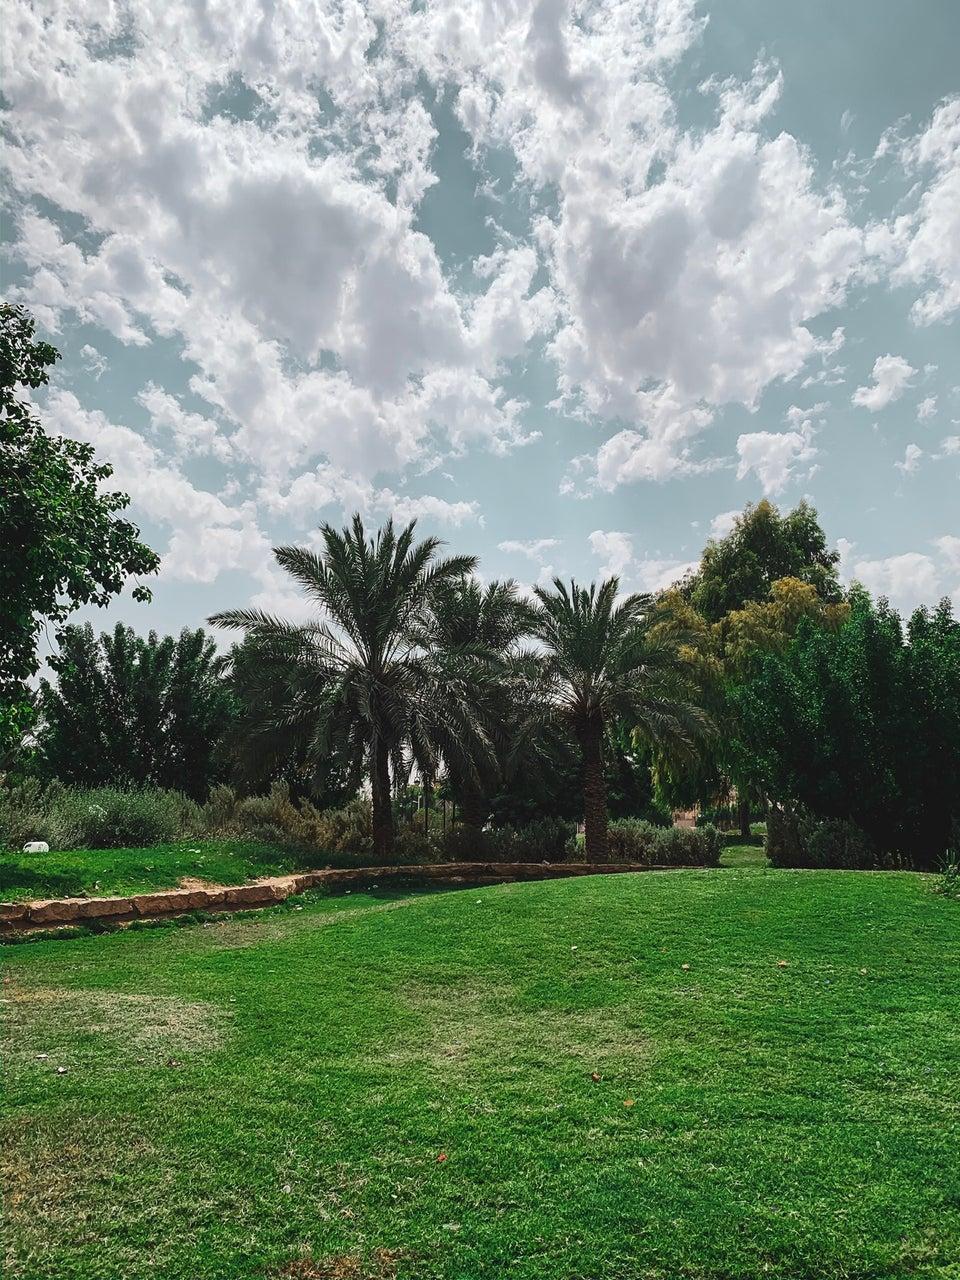 حديقة العهد بالرياض 462163259_andjmlcoFn